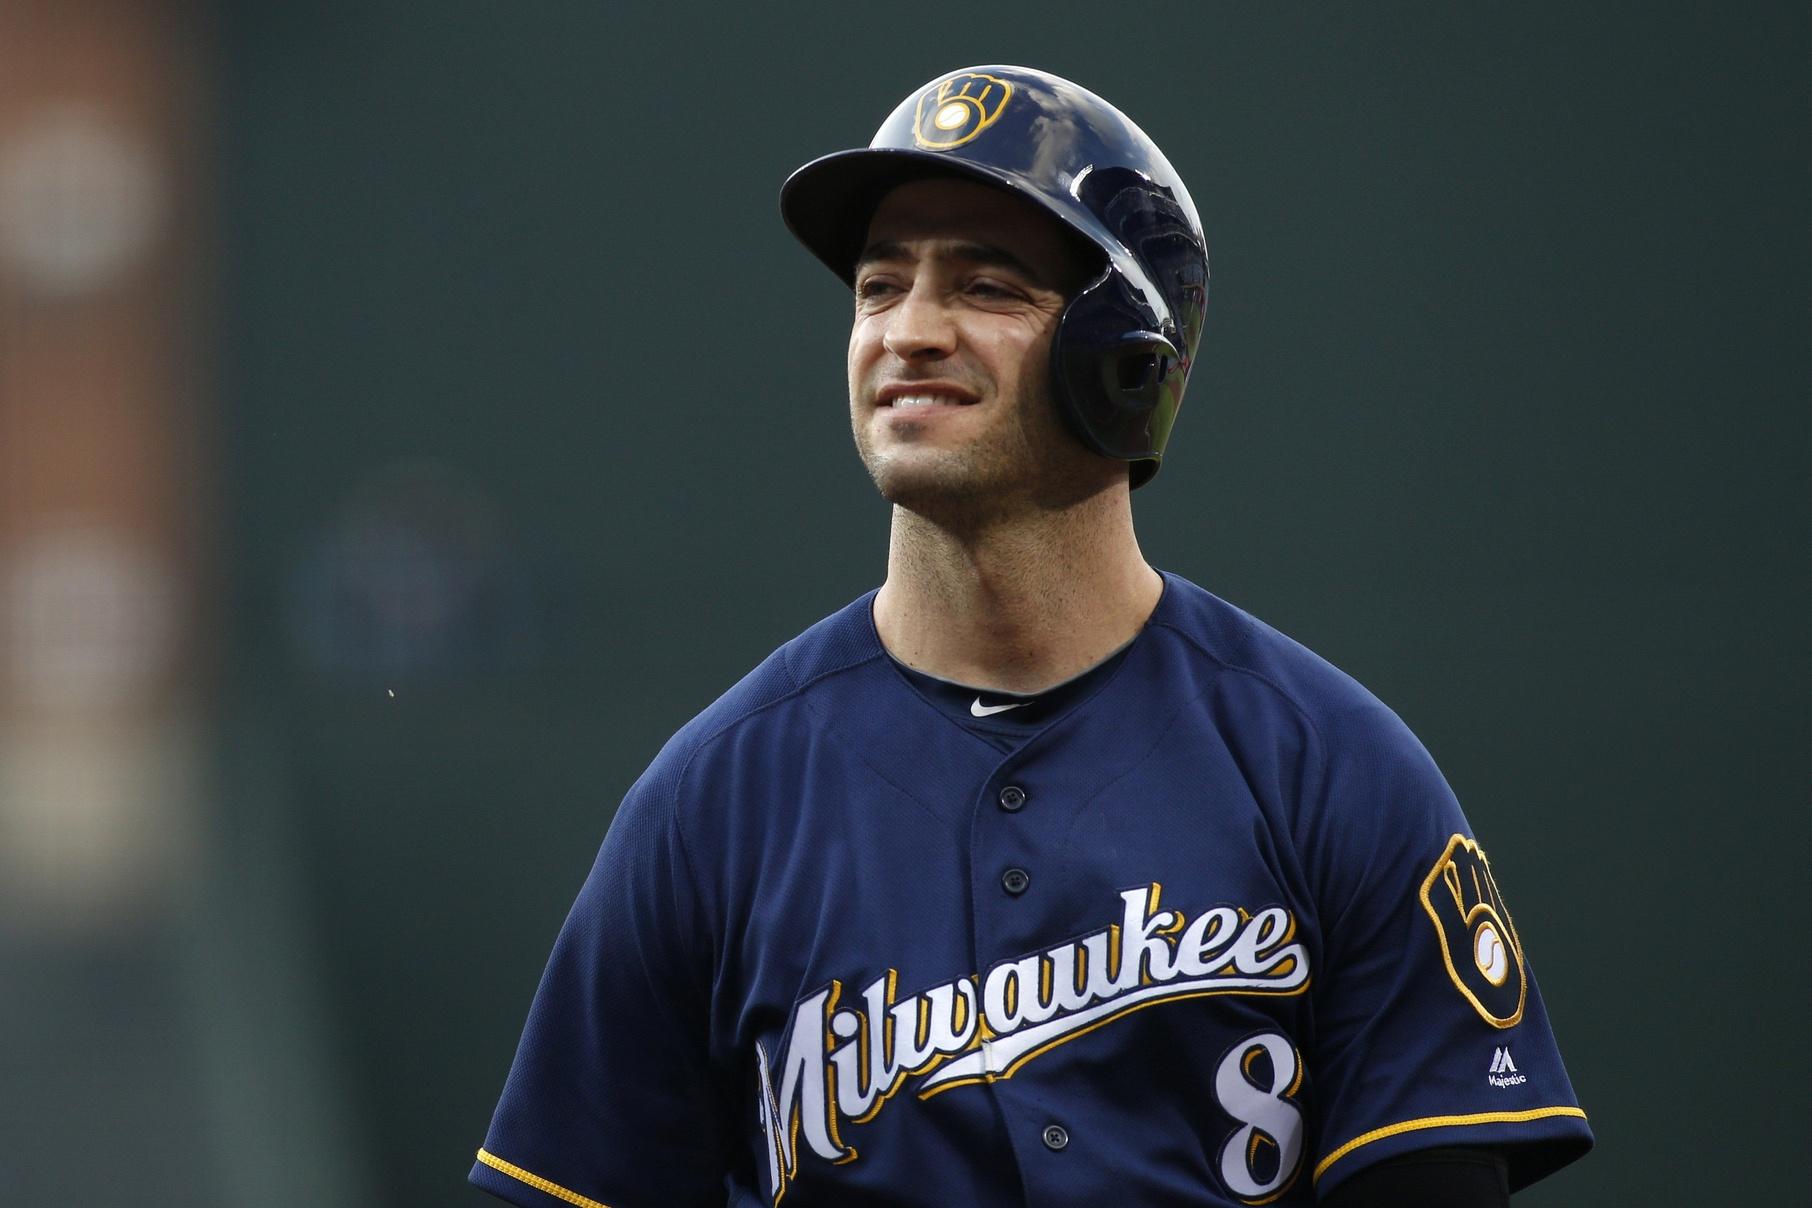 MLB Trade Rumors, Ryan Braun